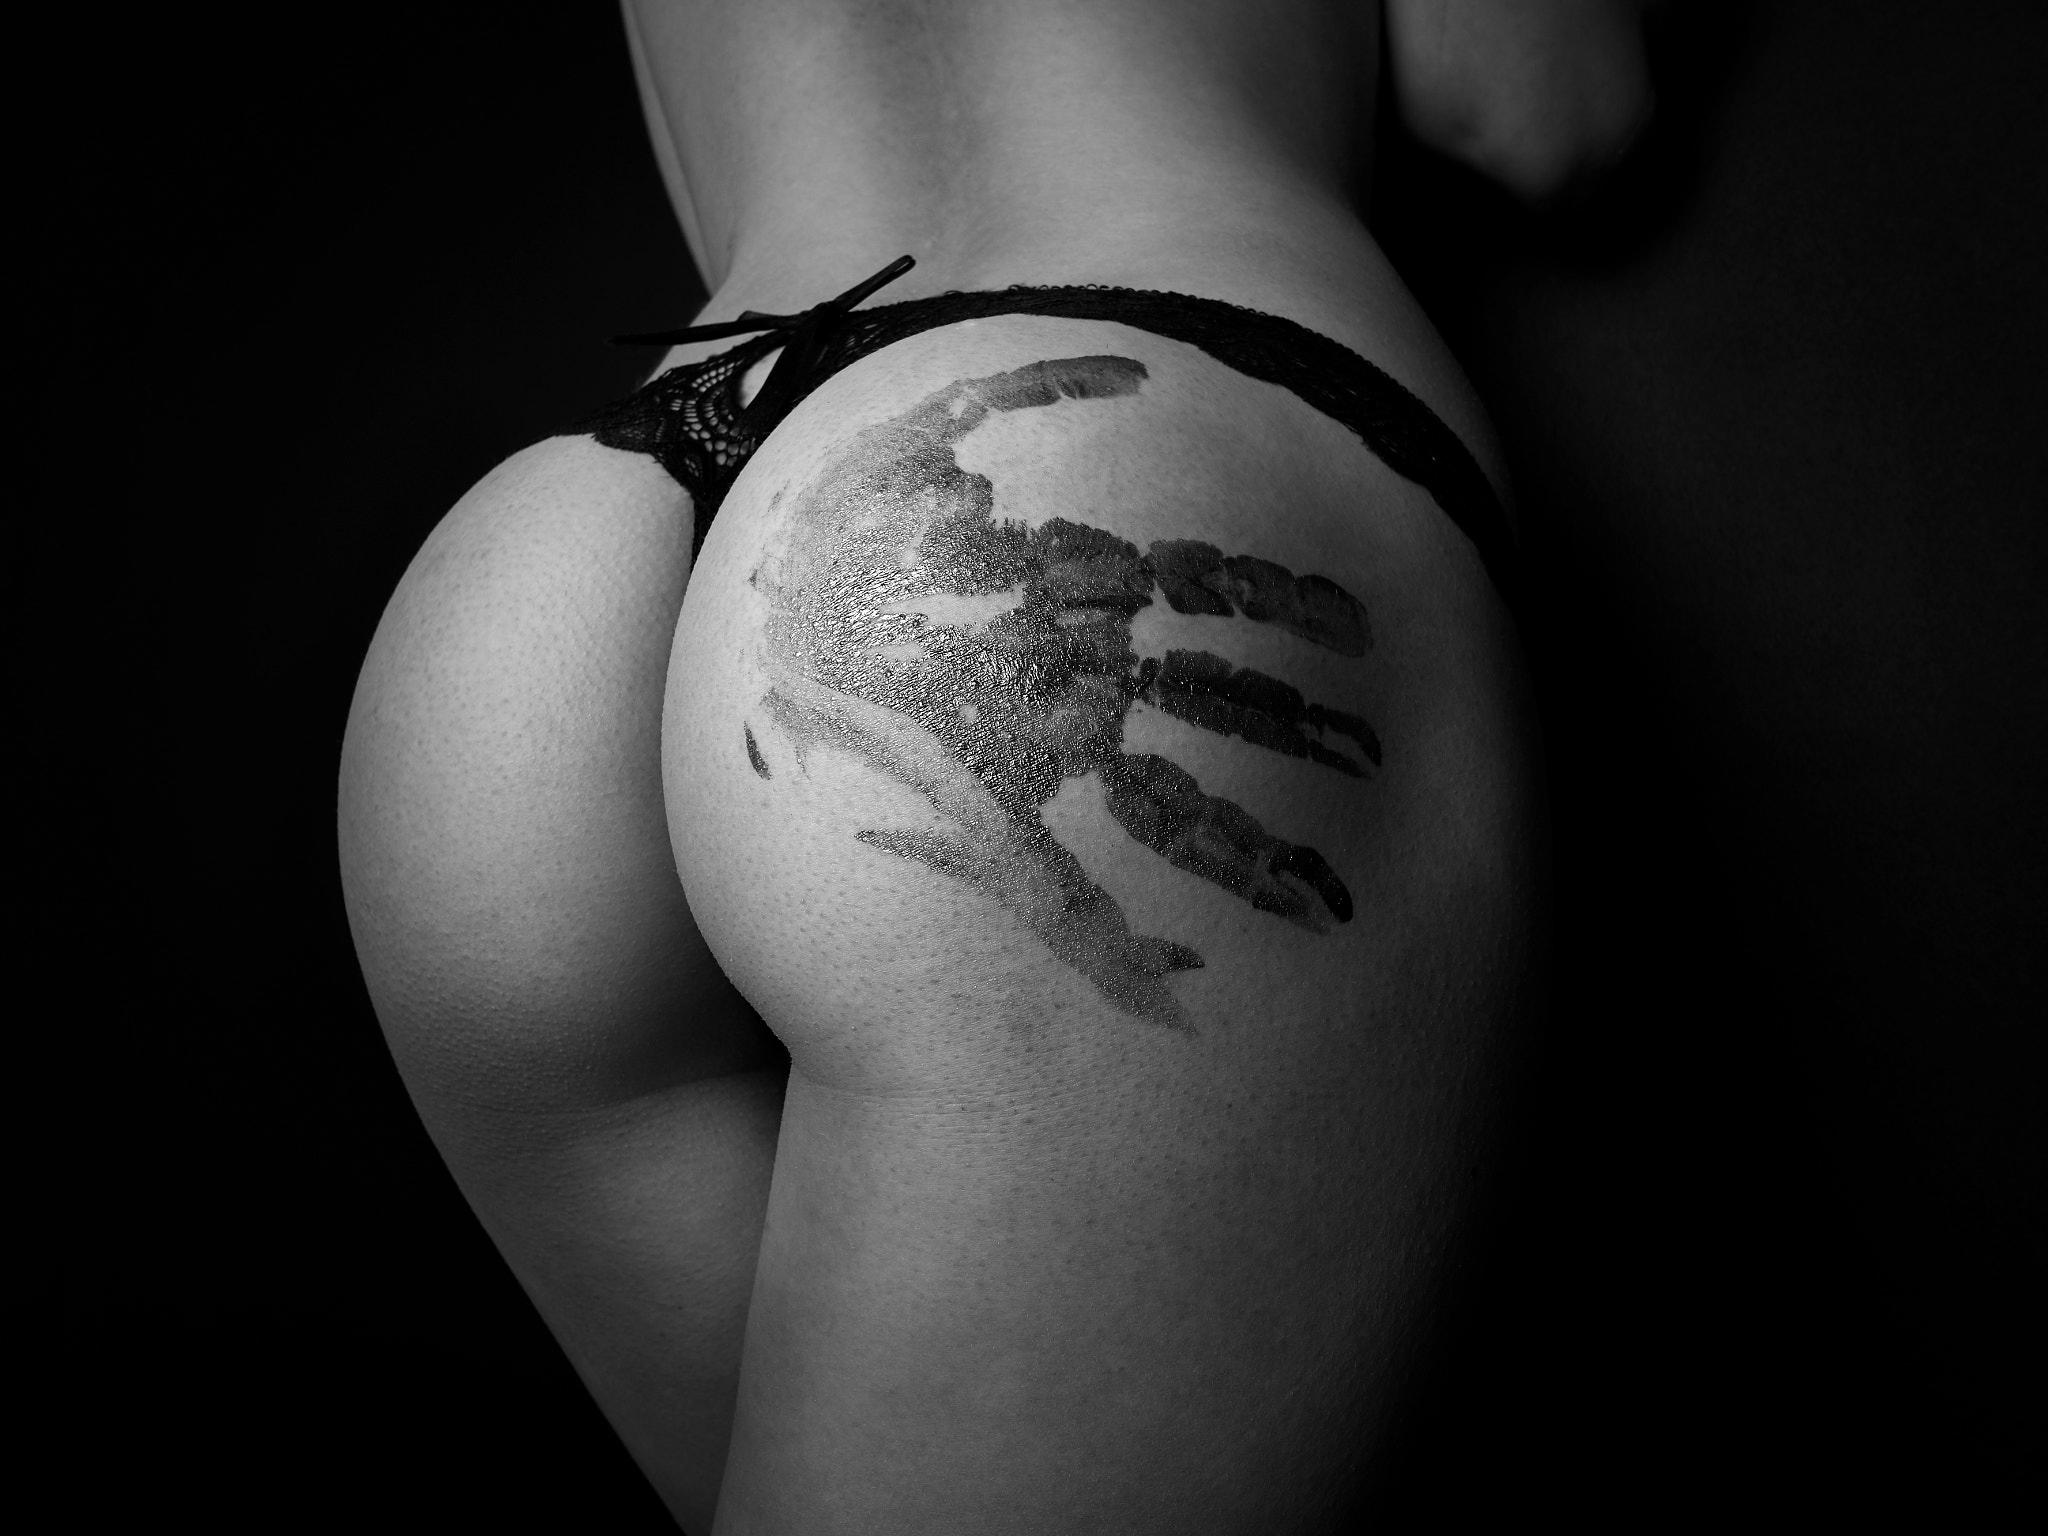 Man Grabs Woman's Ass Art Print By Lemonnude